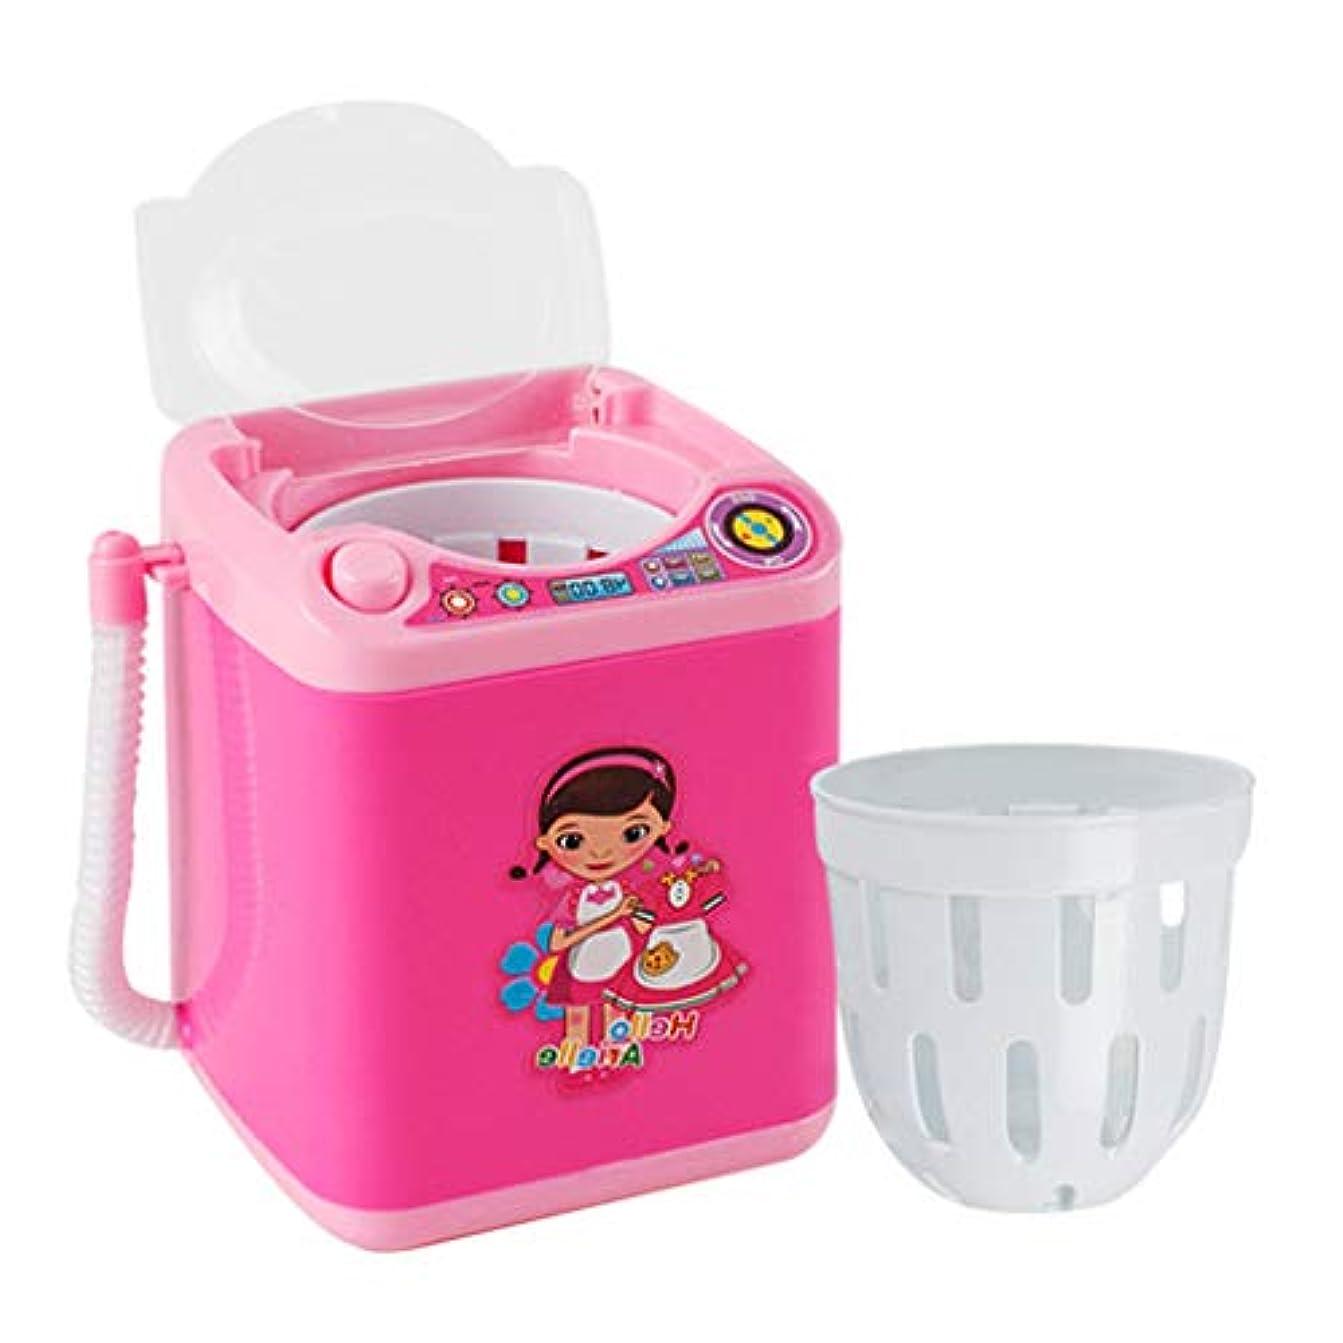 後継解体するる化粧ブラシクリーナー装置 自動化粧ブラシクリーナー 化粧収納ボックス 洗濯機ミニ玩具 (ピンク)